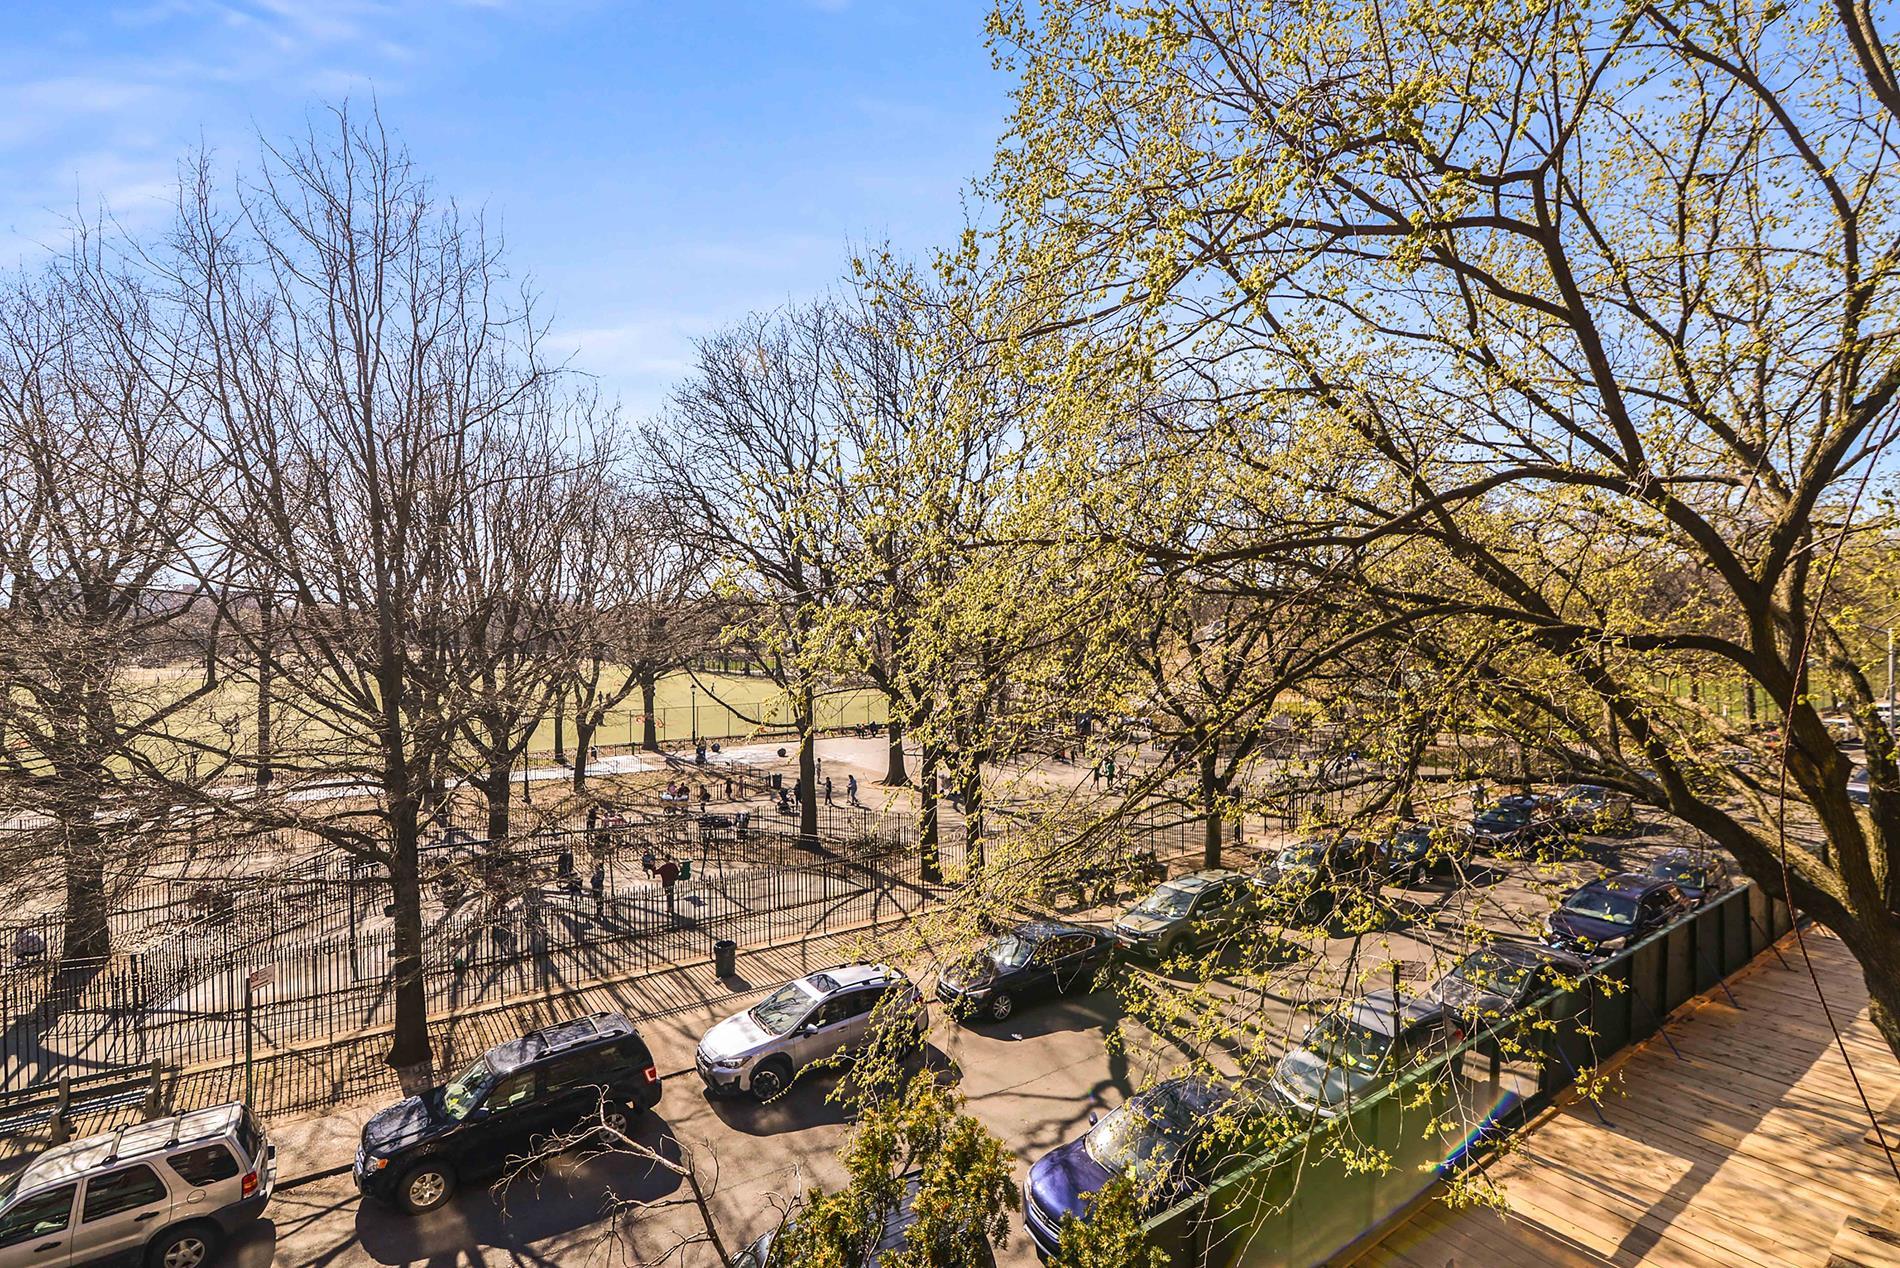 55 Parade Place Prospect Park South Brooklyn NY 11226